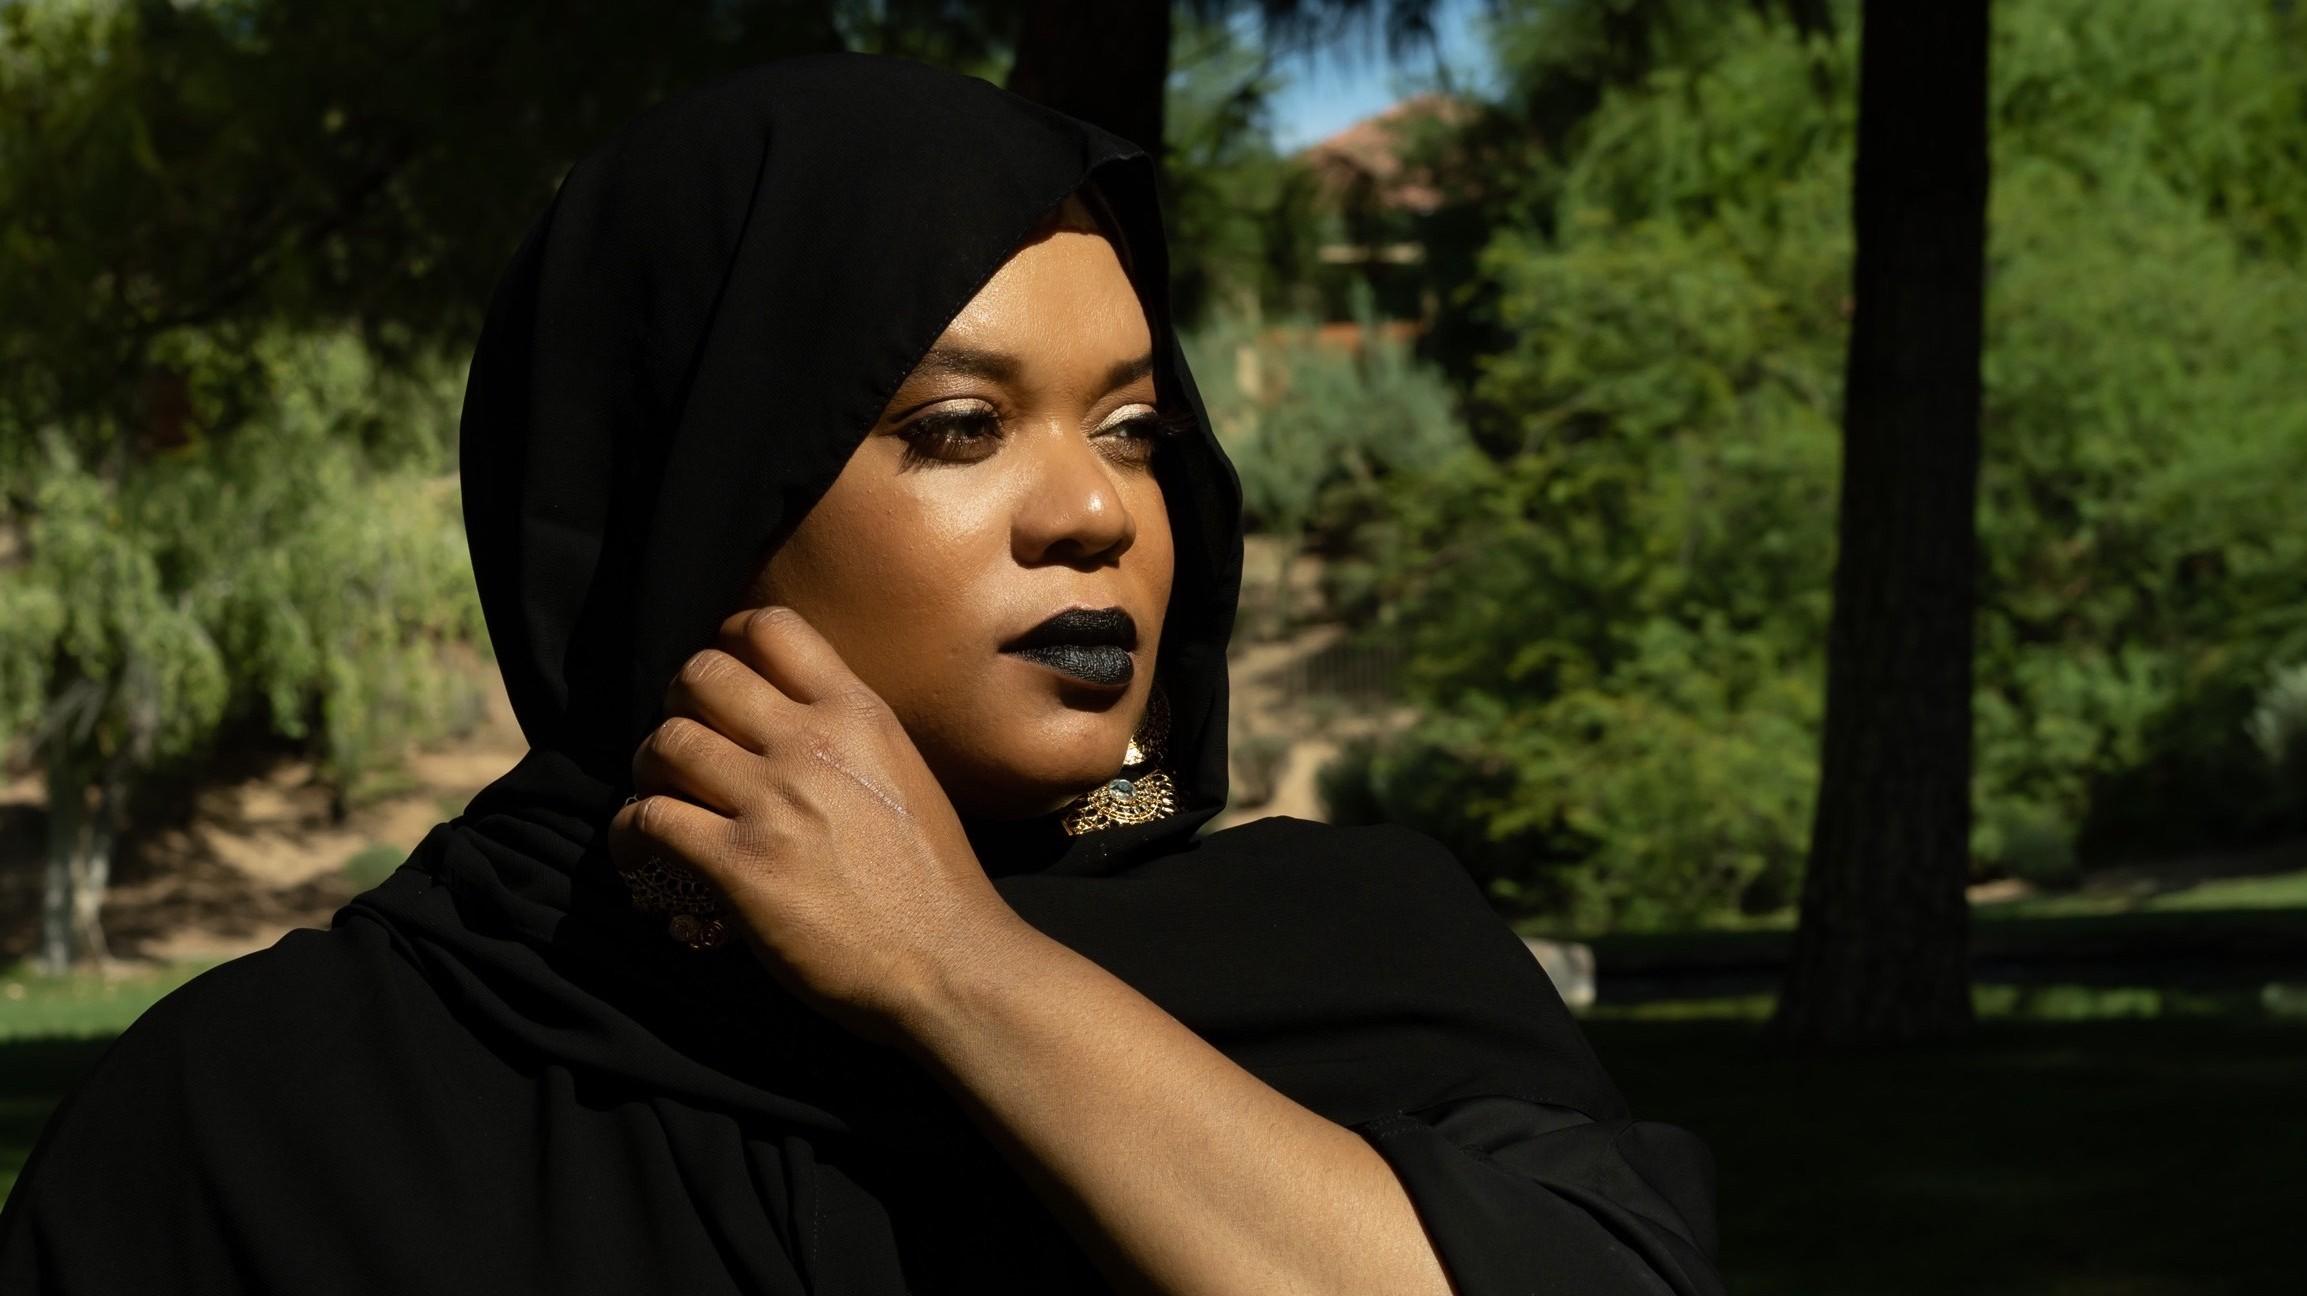 Cauta? i munca pentru femeia musulmana)